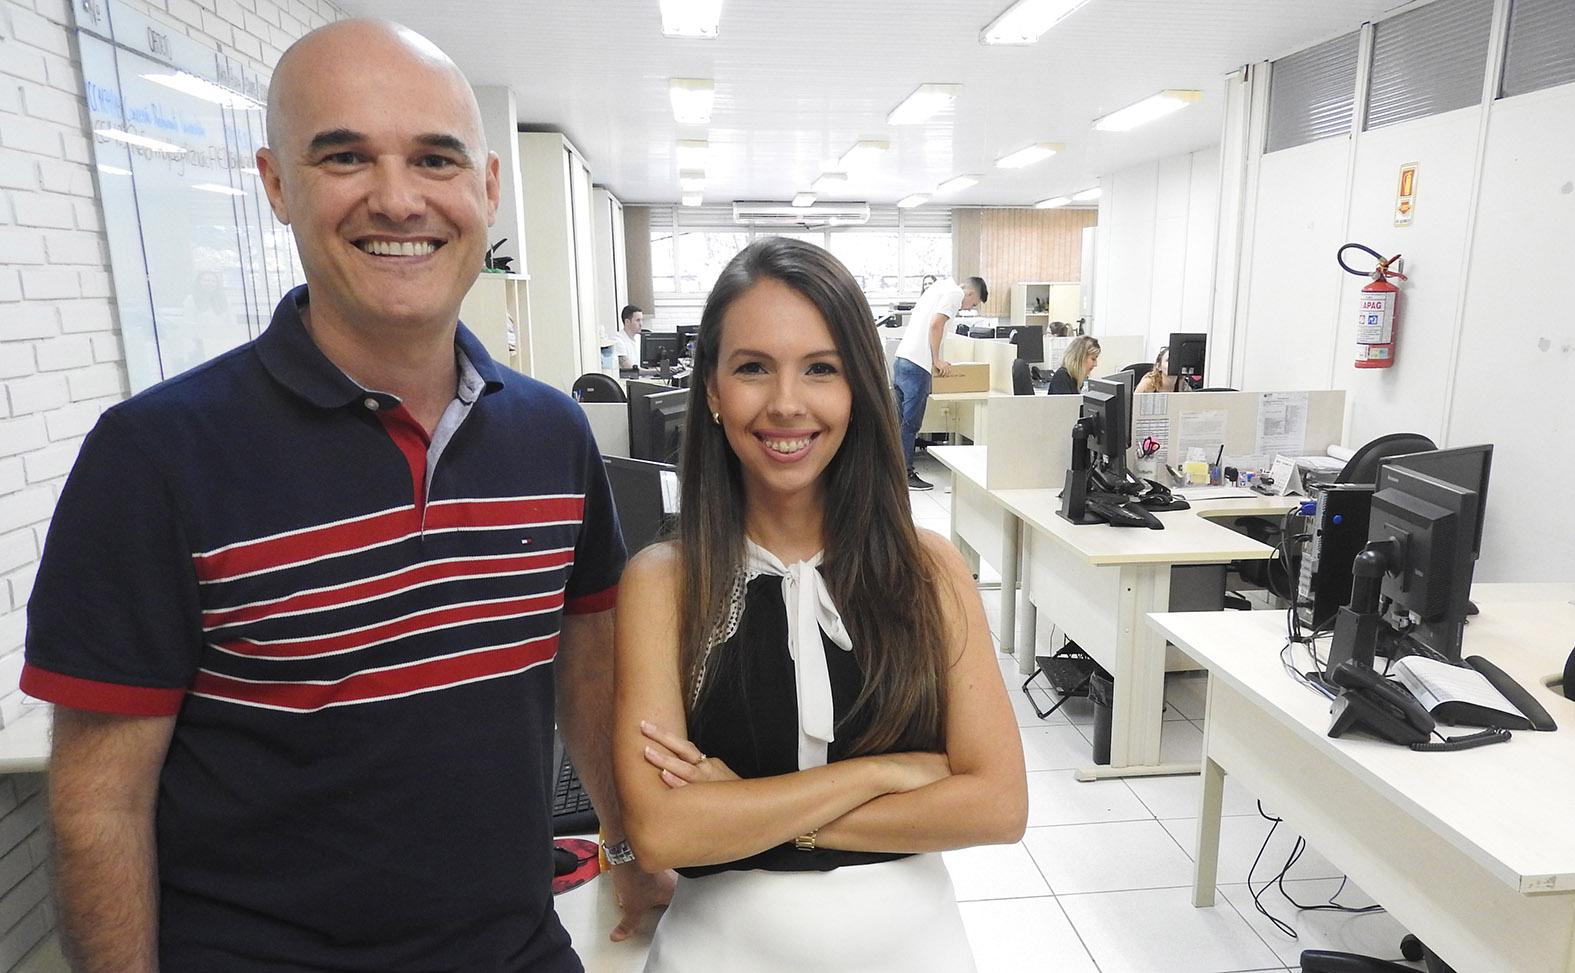 Técnicos Marcelo Souza e Camila Luca atuaram na negociação com empresas - Foto: Gustavo Cabral Vaz